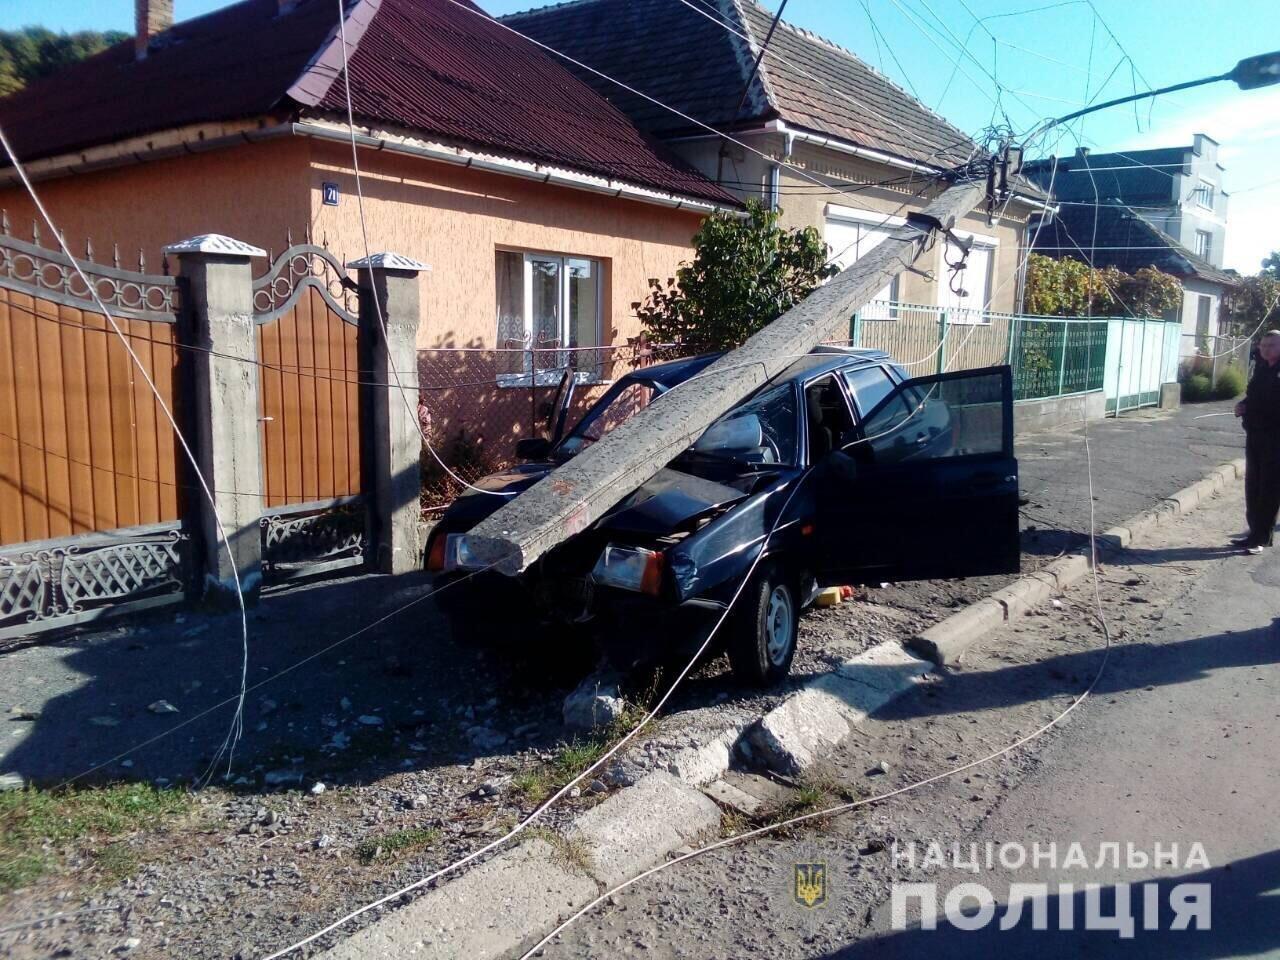 Закарпатська поліція взялася за водія, який п'яним зніс бетонну електроопору (ОФІЦІЙНО), фото-1